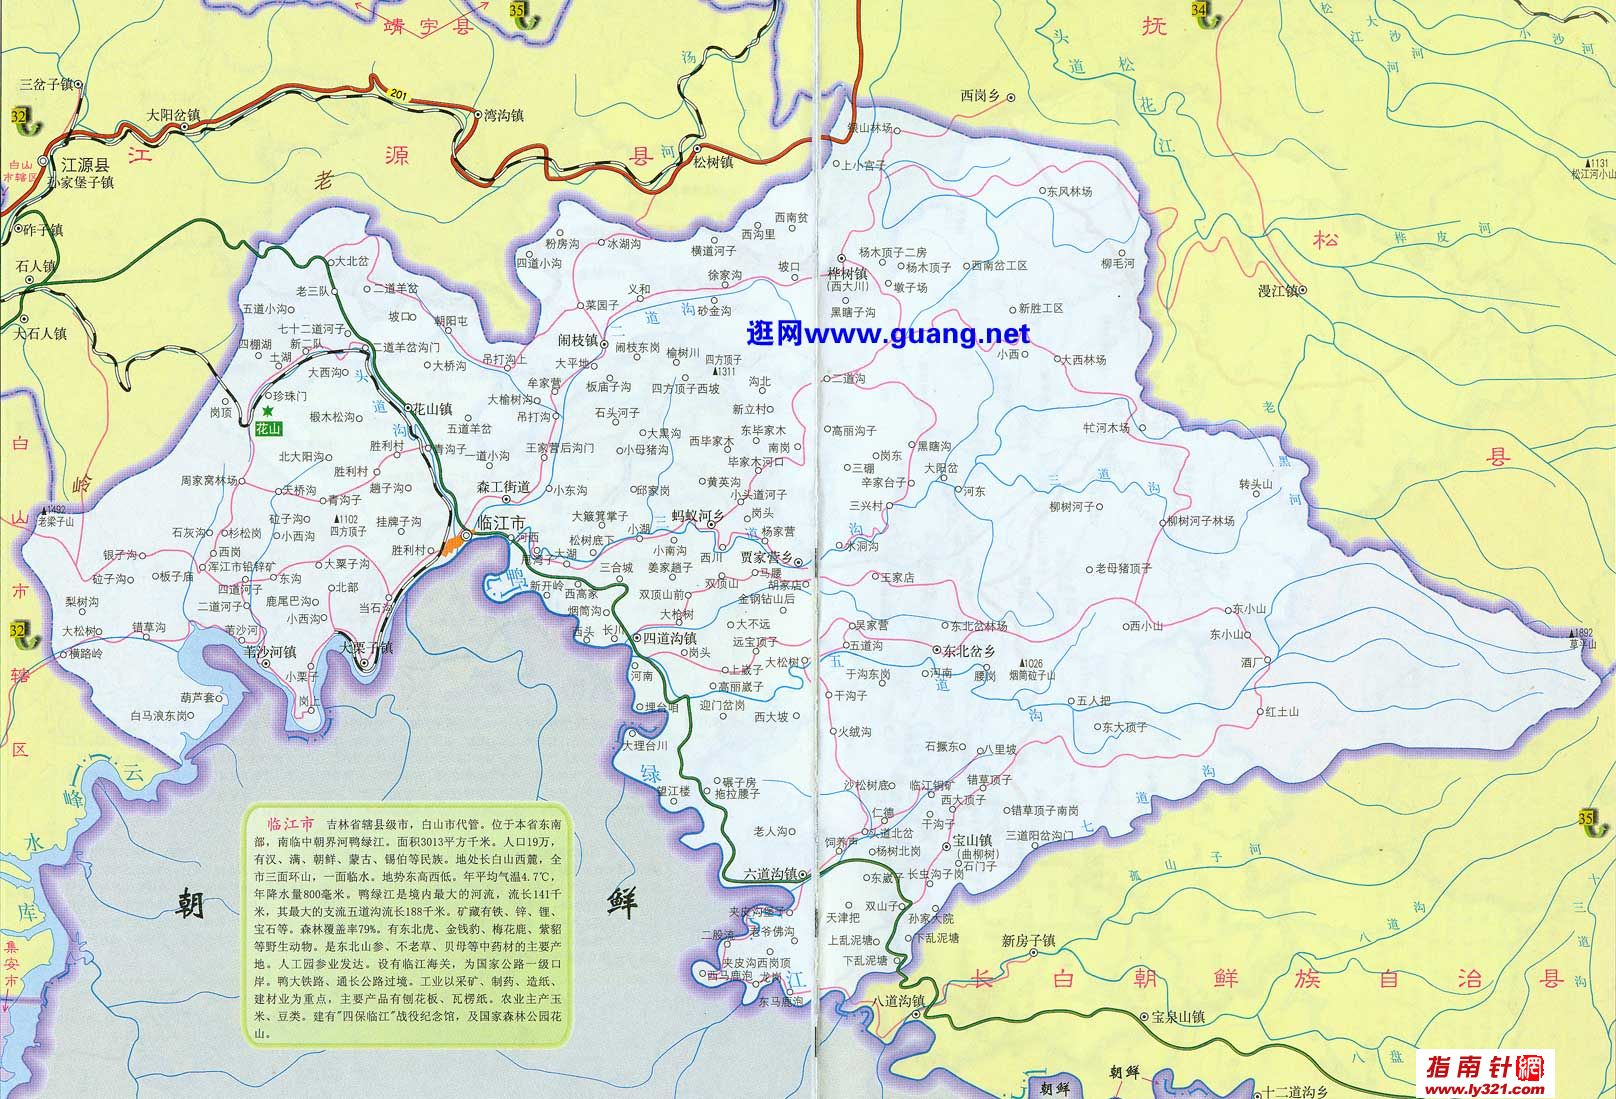 吉林临江地图_吉林其他旅游景点地图查询图片